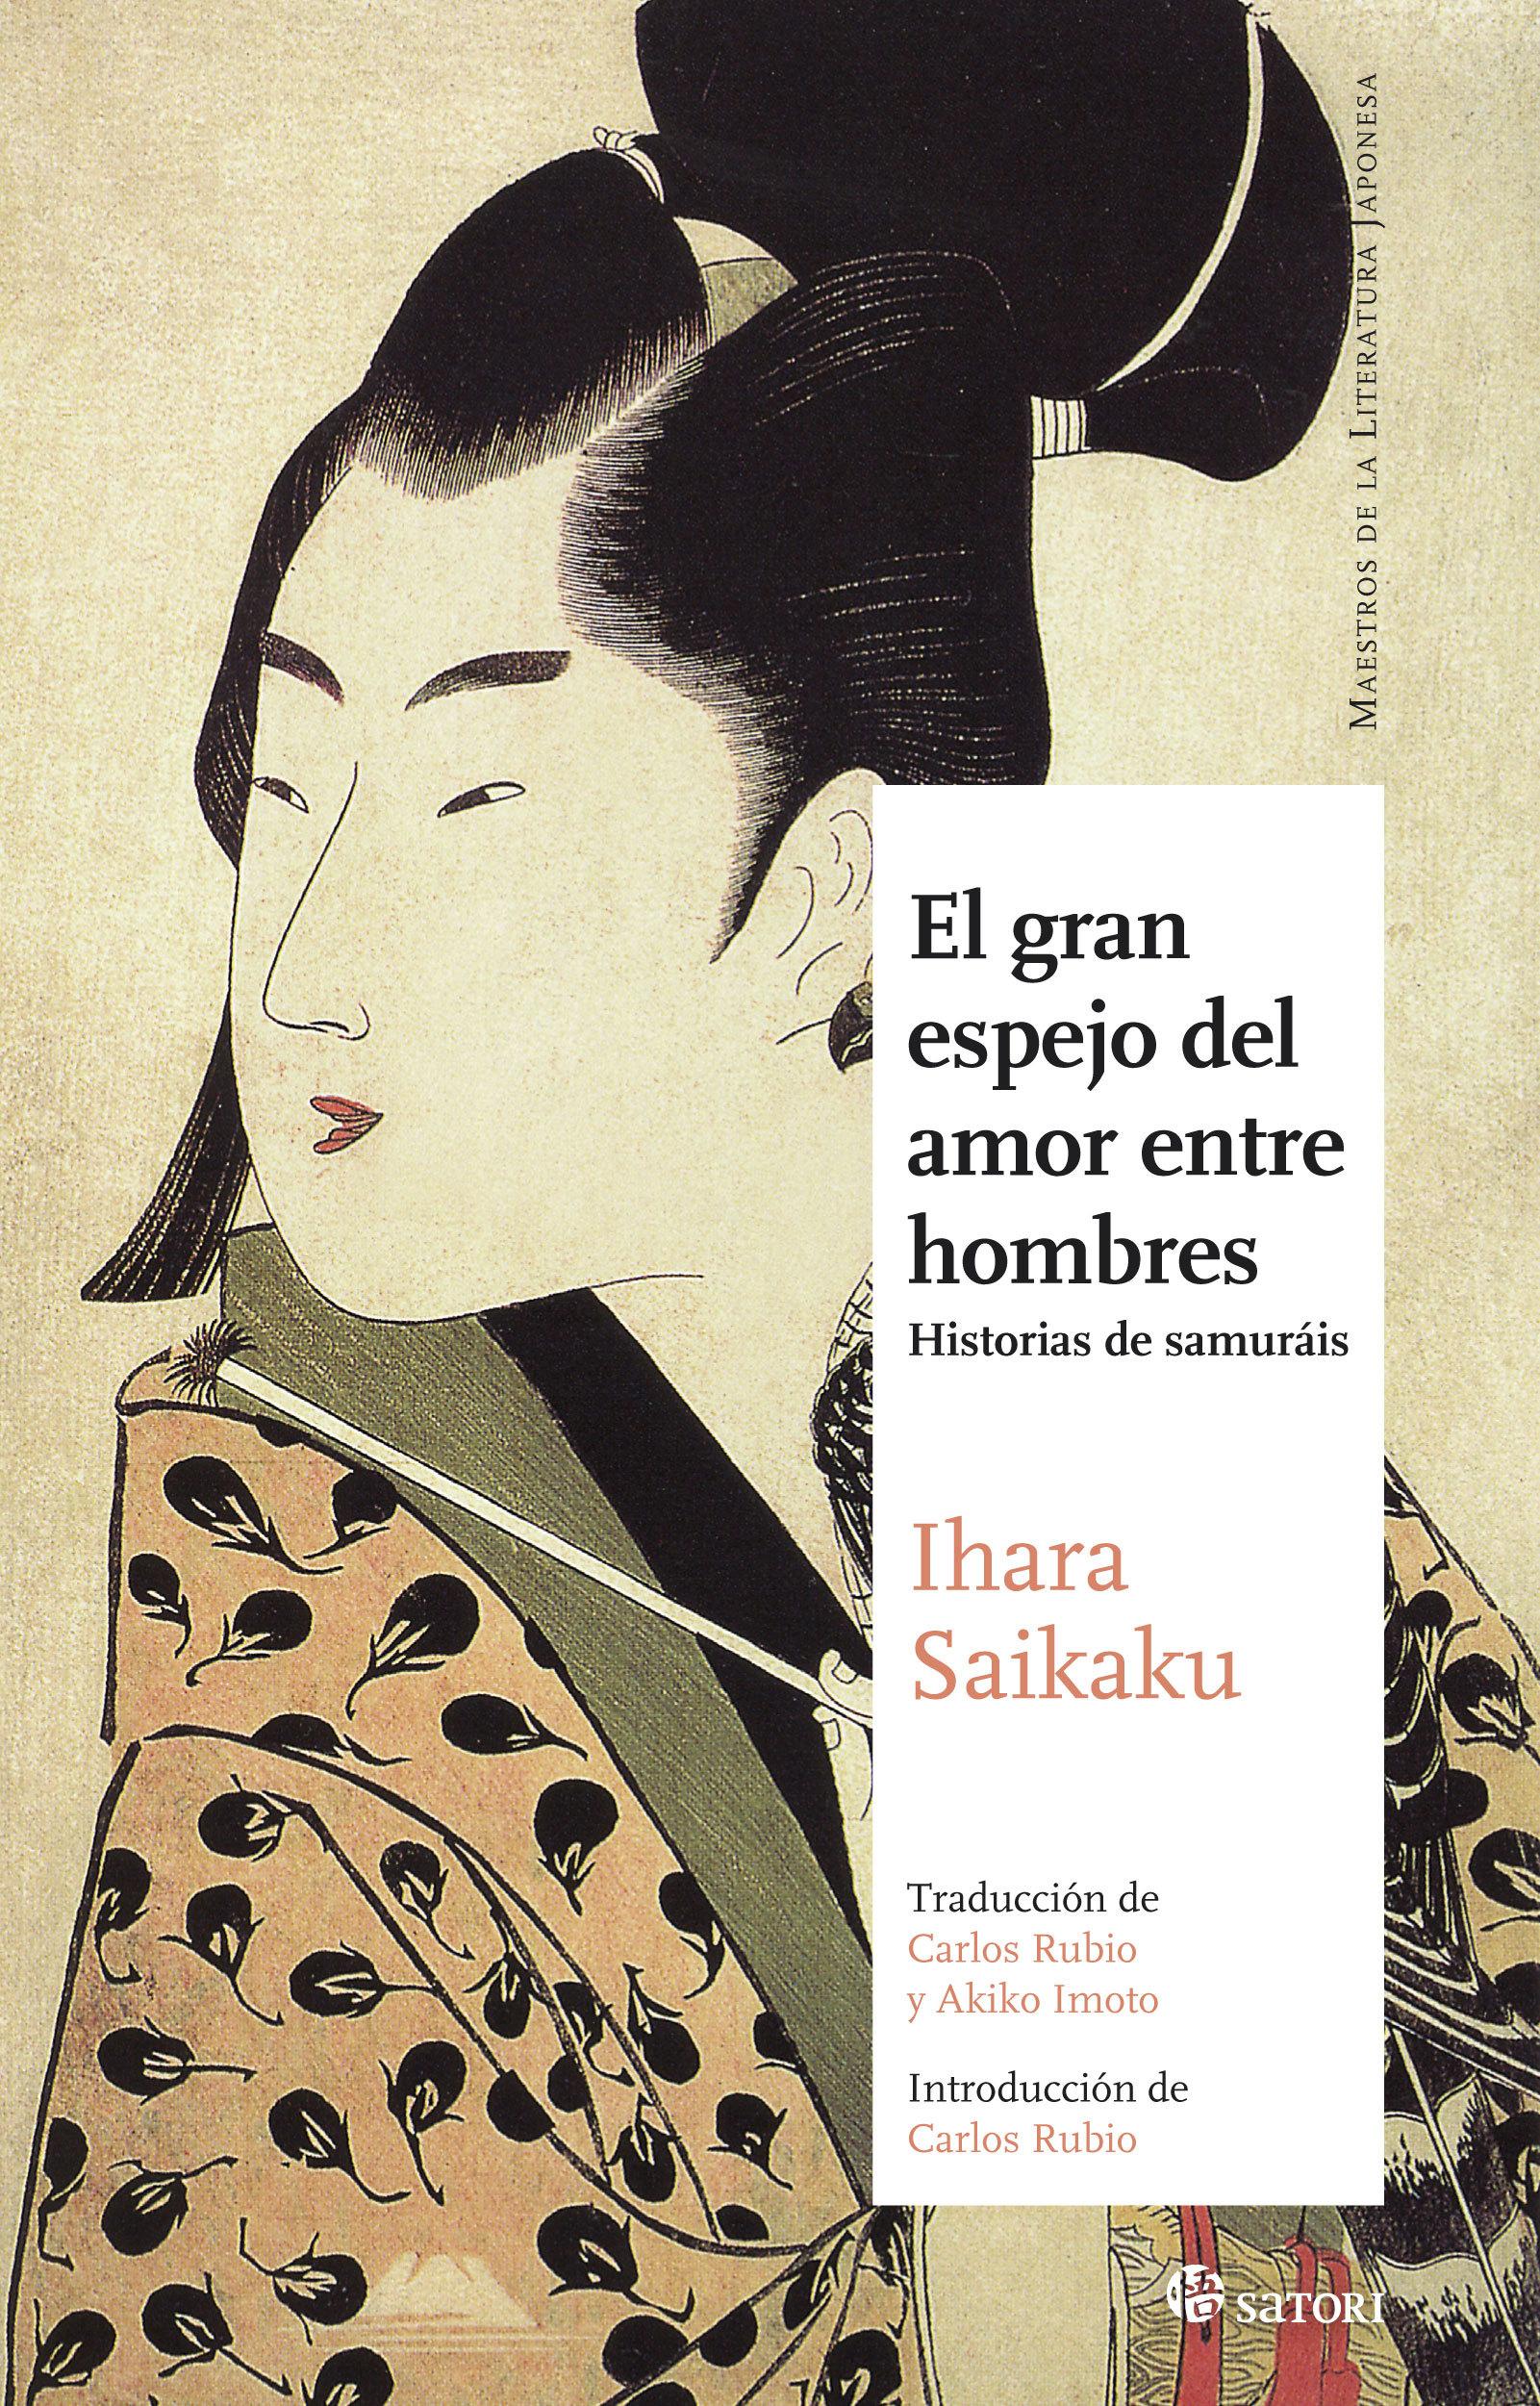 EL GRAN ESPEJO DEL AMOR ENTRE HOMBRES. HISTORIAS DE SAMURÁIS